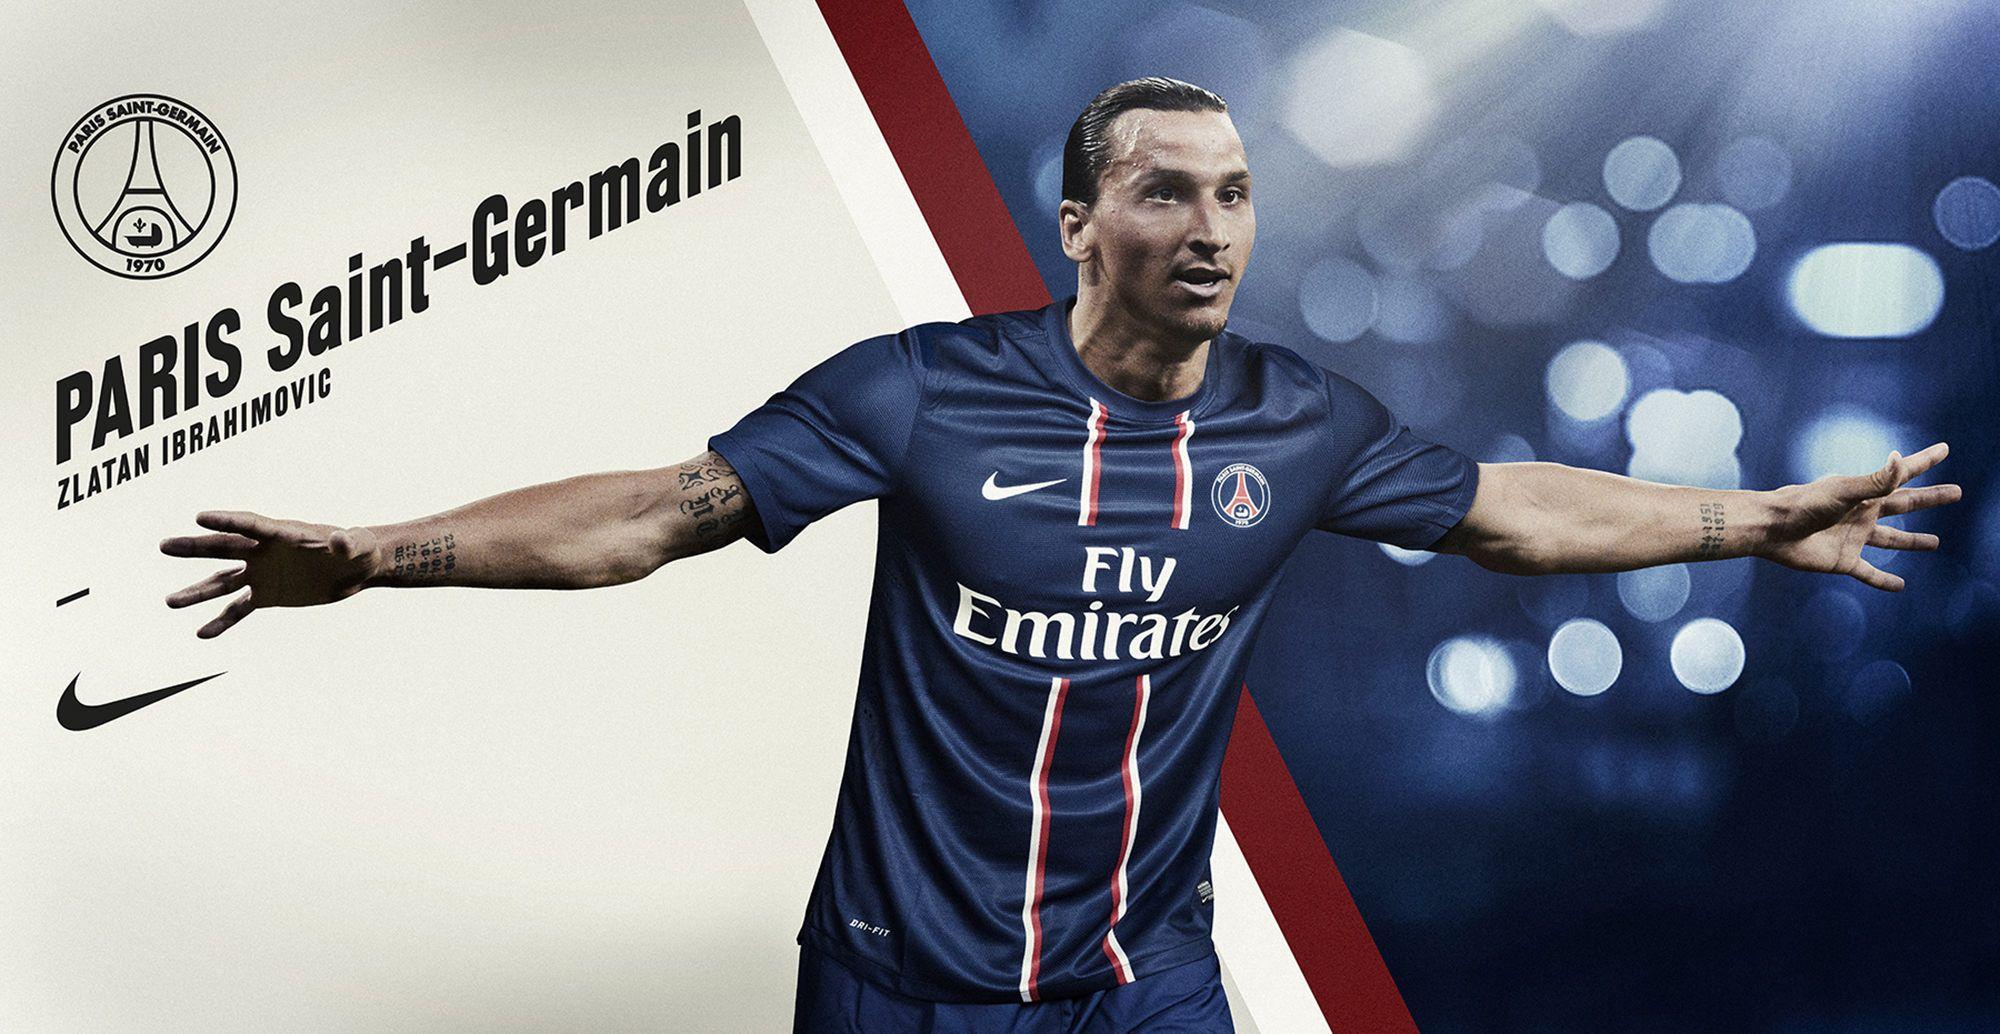 Zlatan Ibrahimovic PSG Wallpapers HD